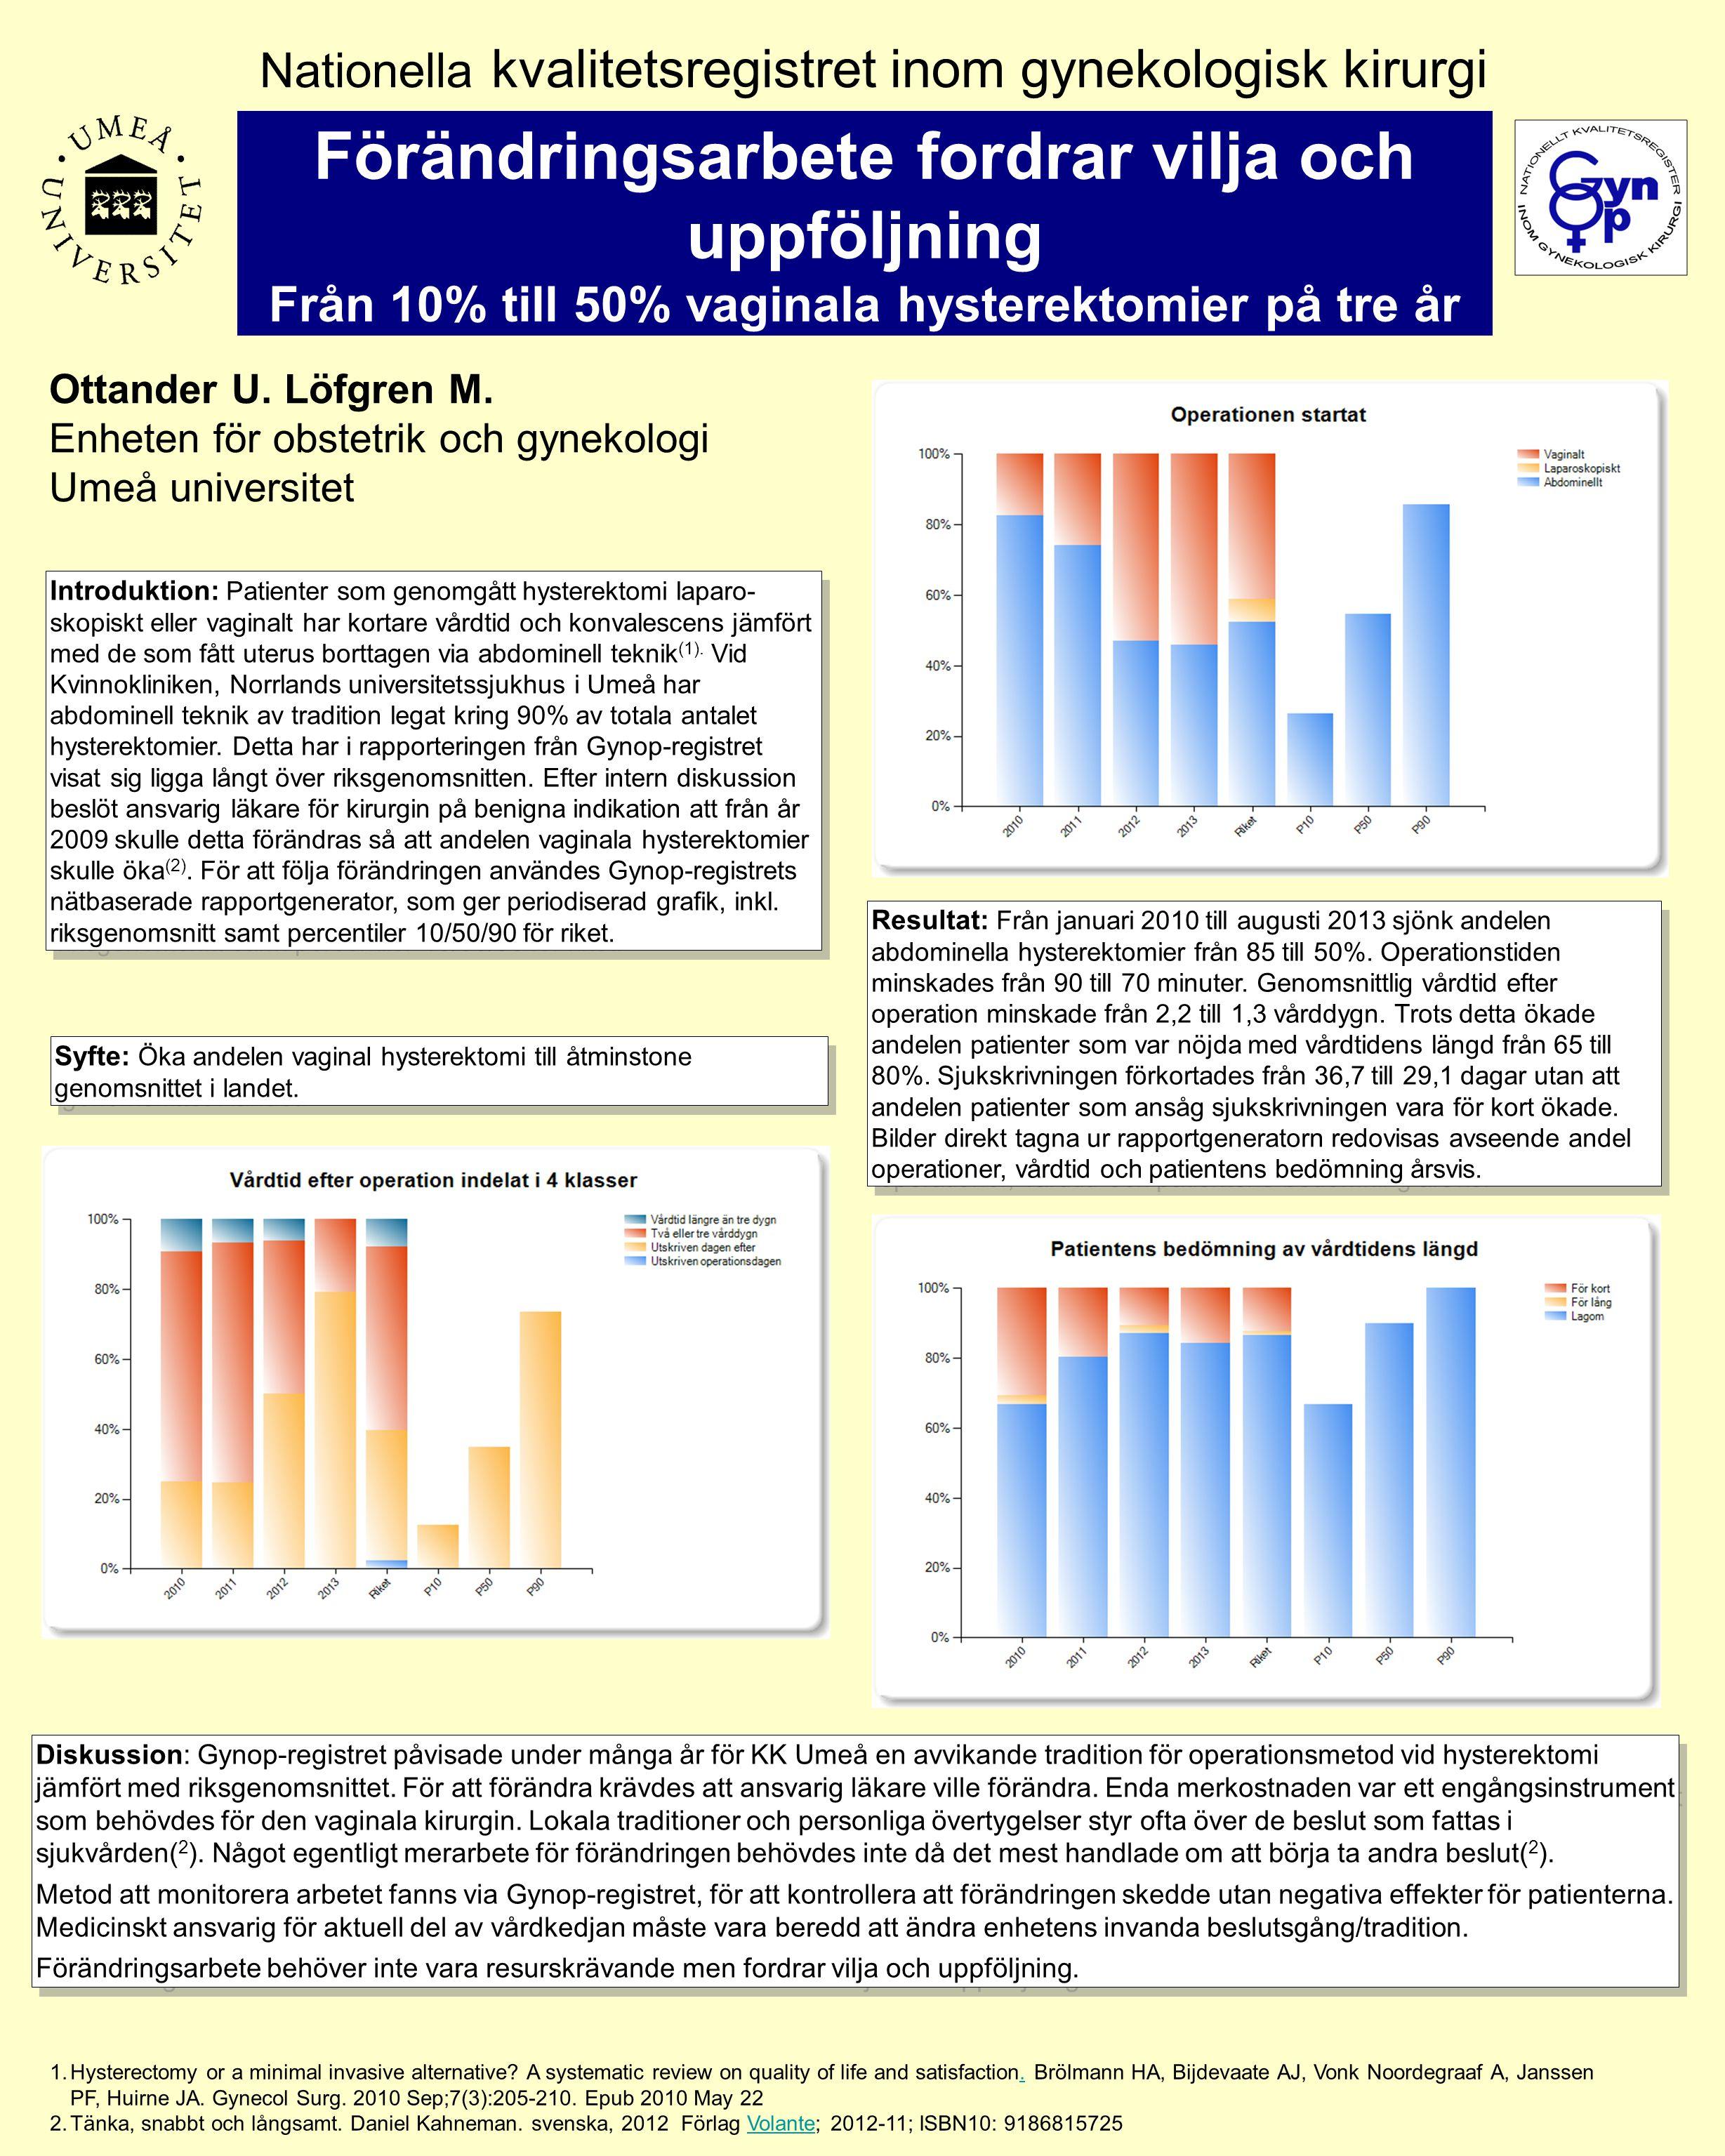 Diskussion: Gynop-registret påvisade under många år för KK Umeå en avvikande tradition för operationsmetod vid hysterektomi jämfört med riksgenomsnittet.